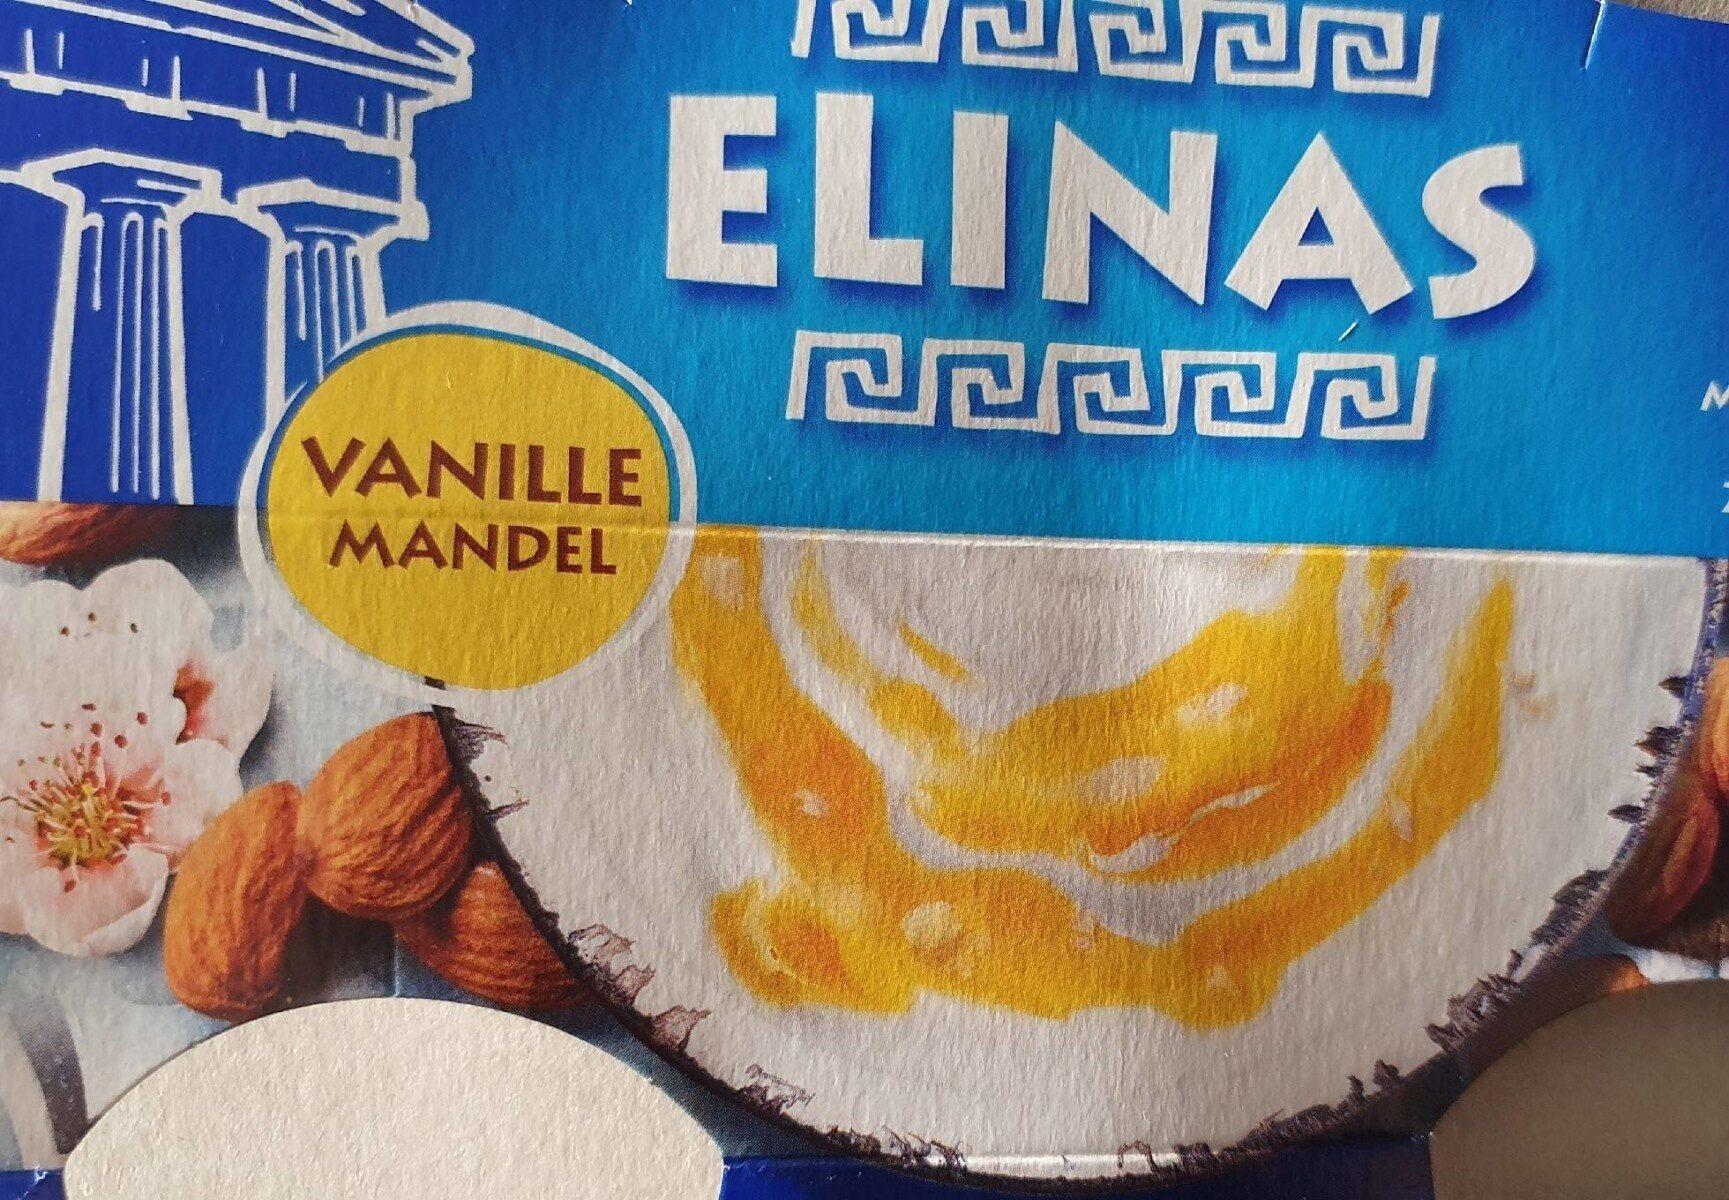 Jghurt Vanille Mandel von ELINAS, Griechische Art - Produkt - de